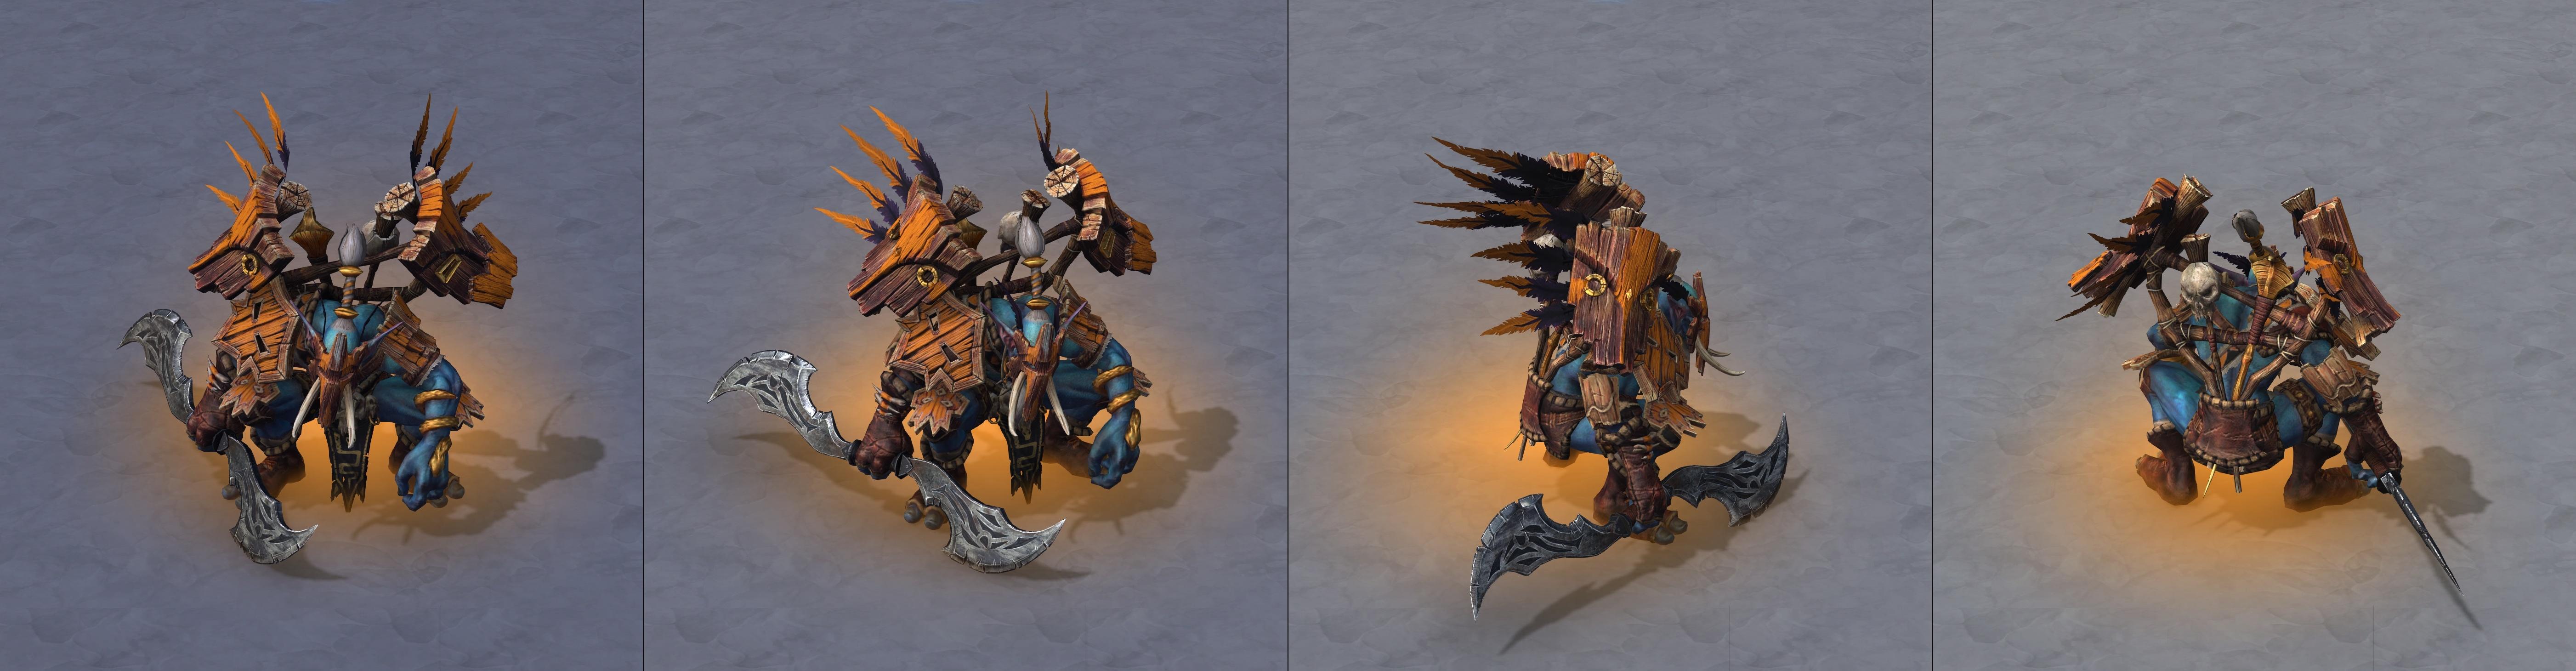 Утечка: озвучка и модели Сильваны, Артаса, Джайны и других персонажей Wacraft III: Reforged 6